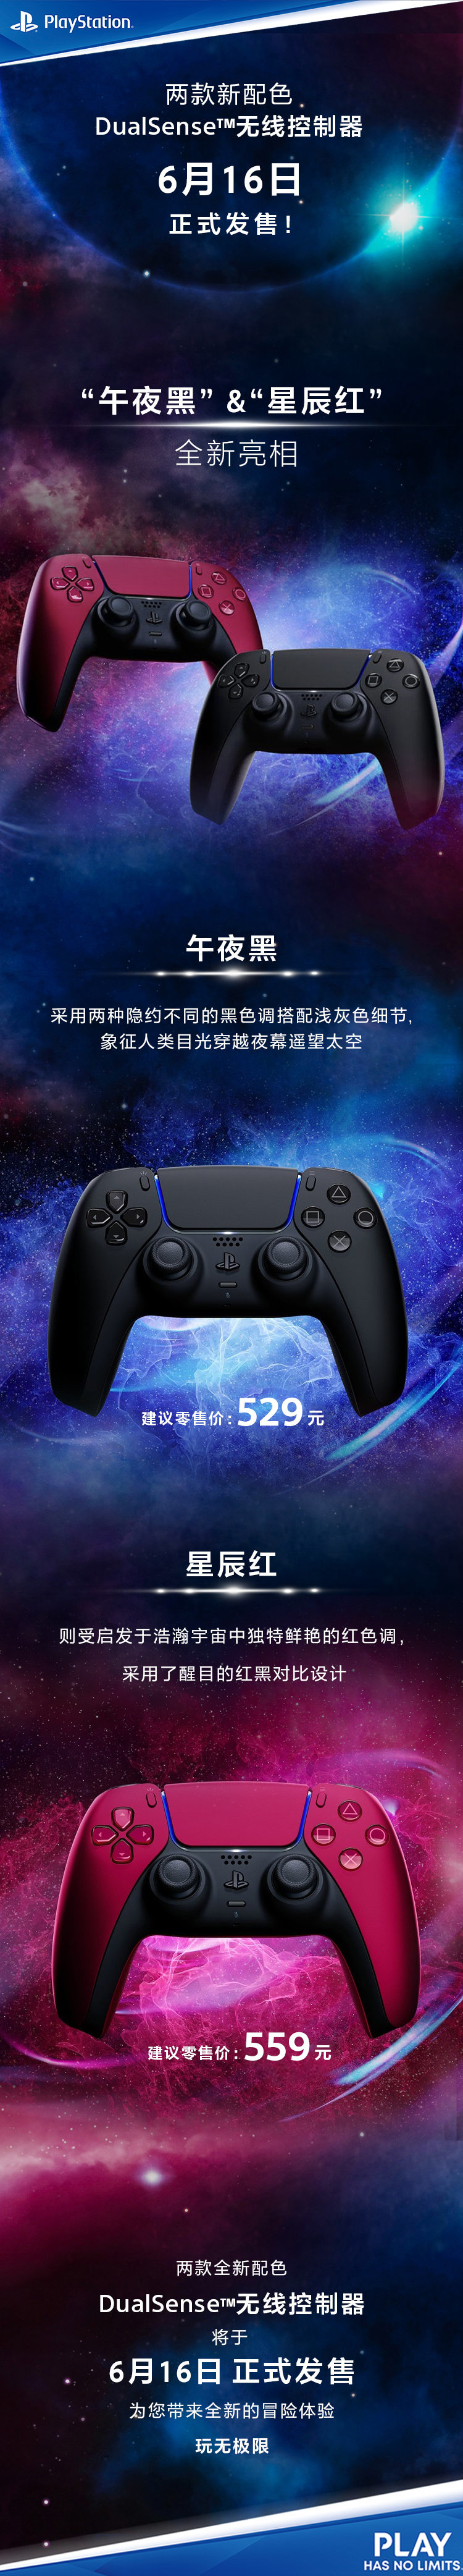 主机买到没?索尼PS5国行手柄新配色发售:529元起